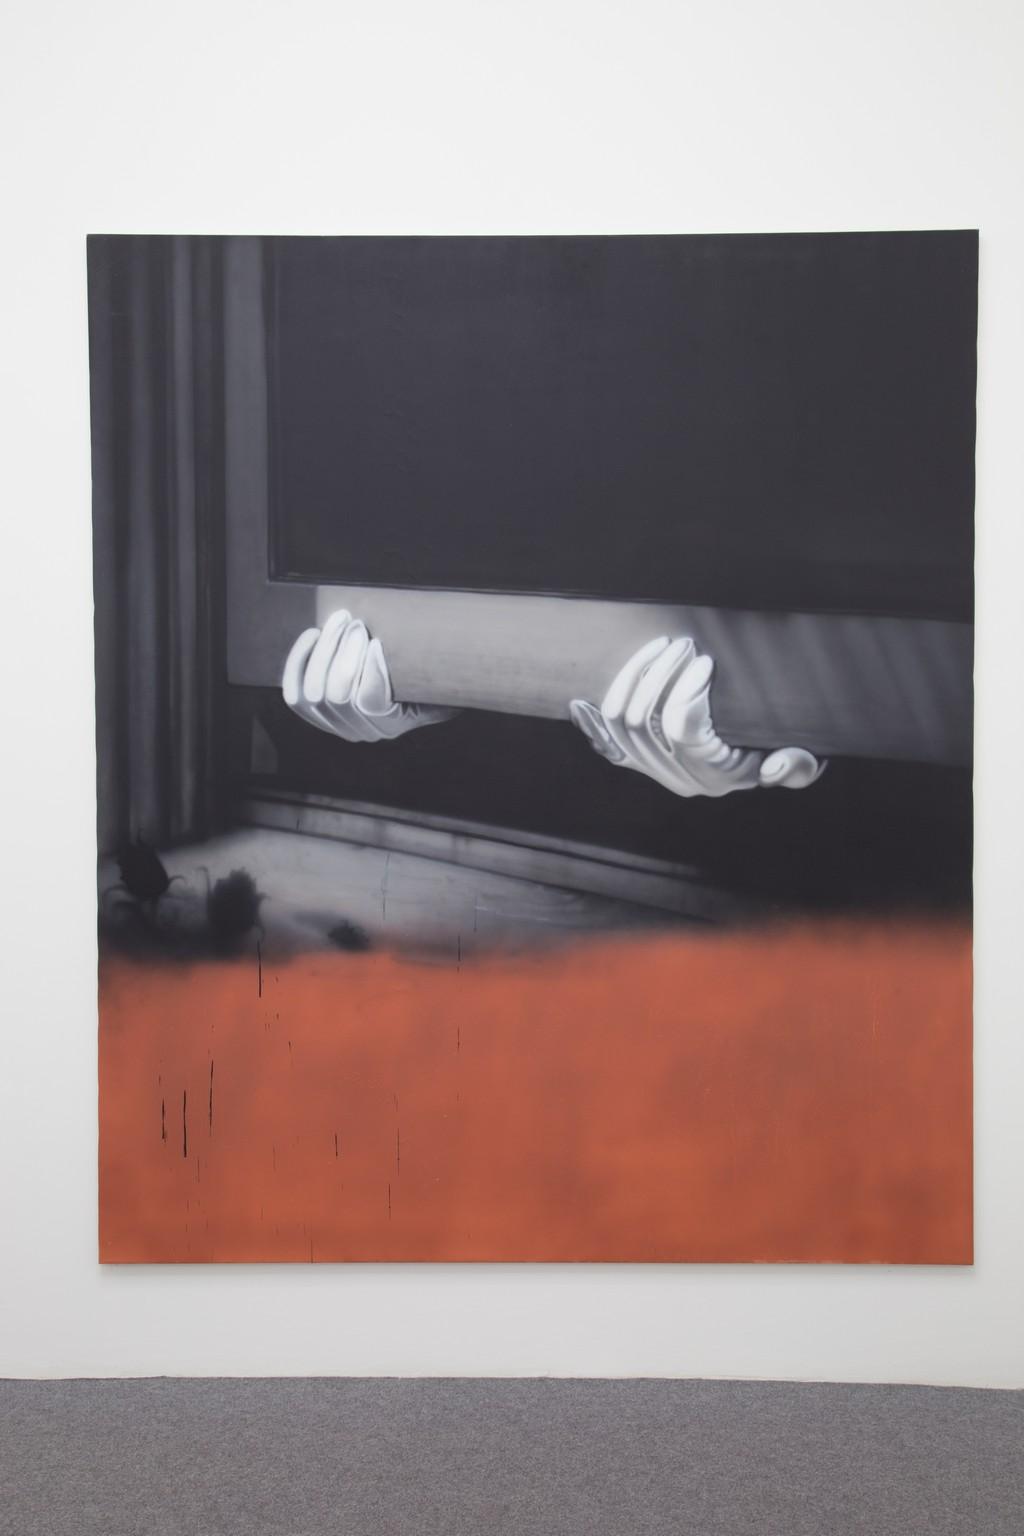 acrylic on canvas 213 x 185 cm